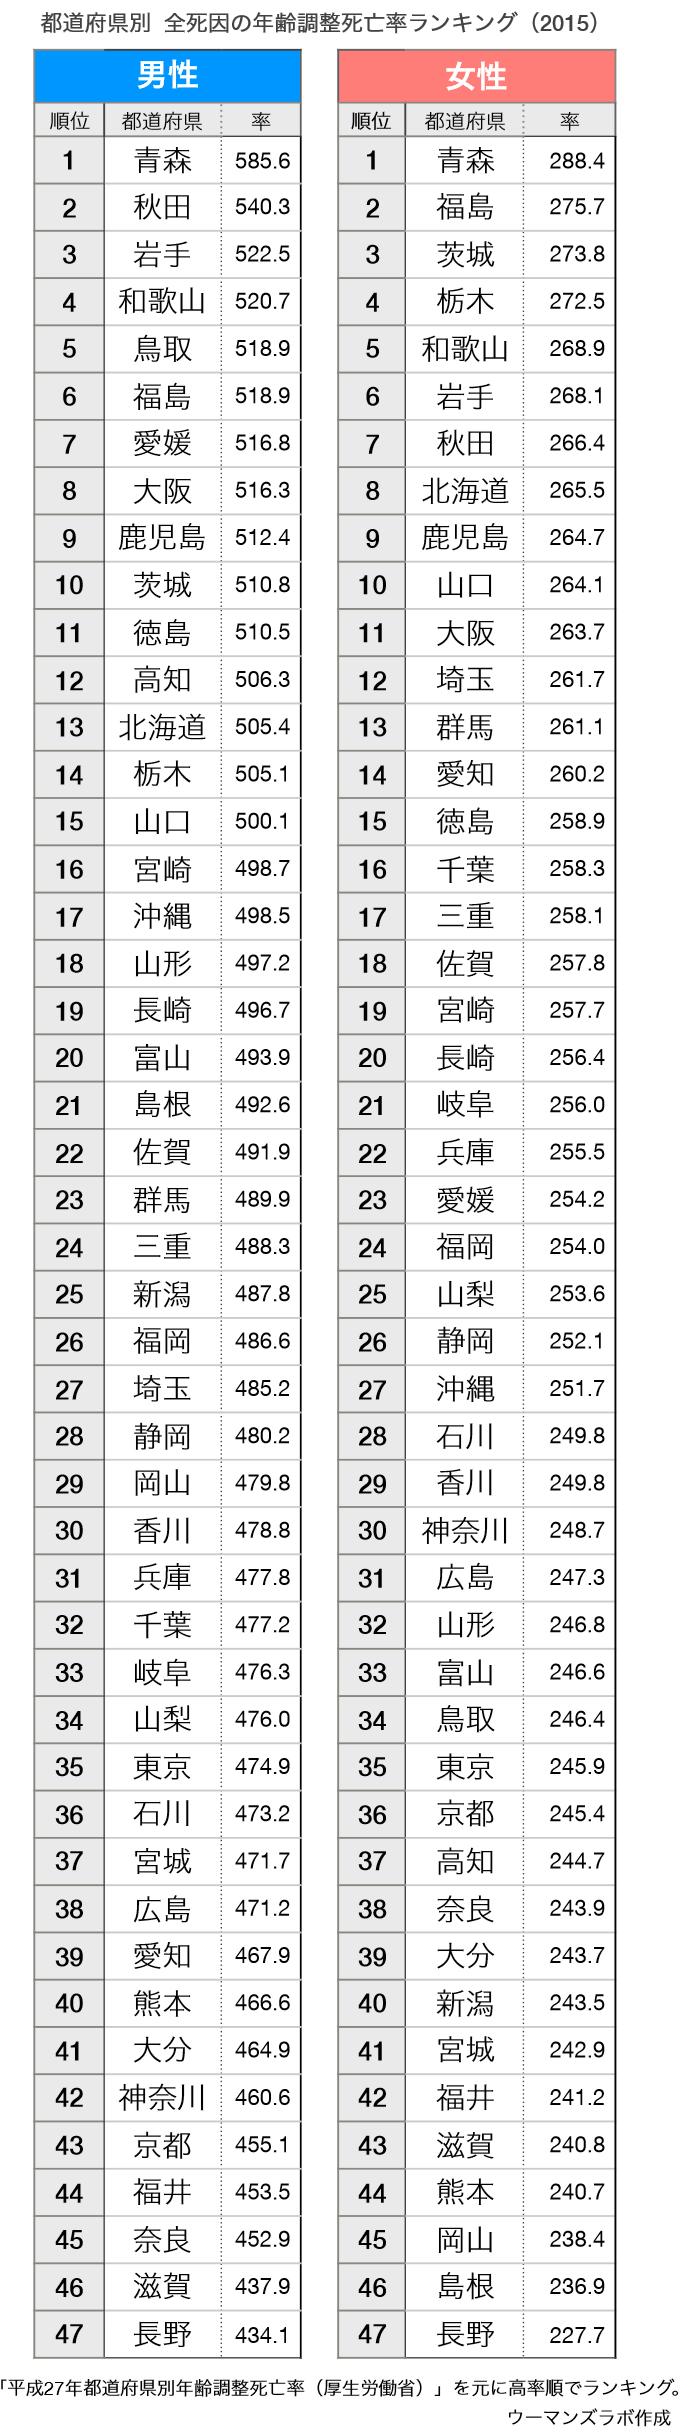 都道府県別死亡率ランキング2017(年齢調整死亡率)